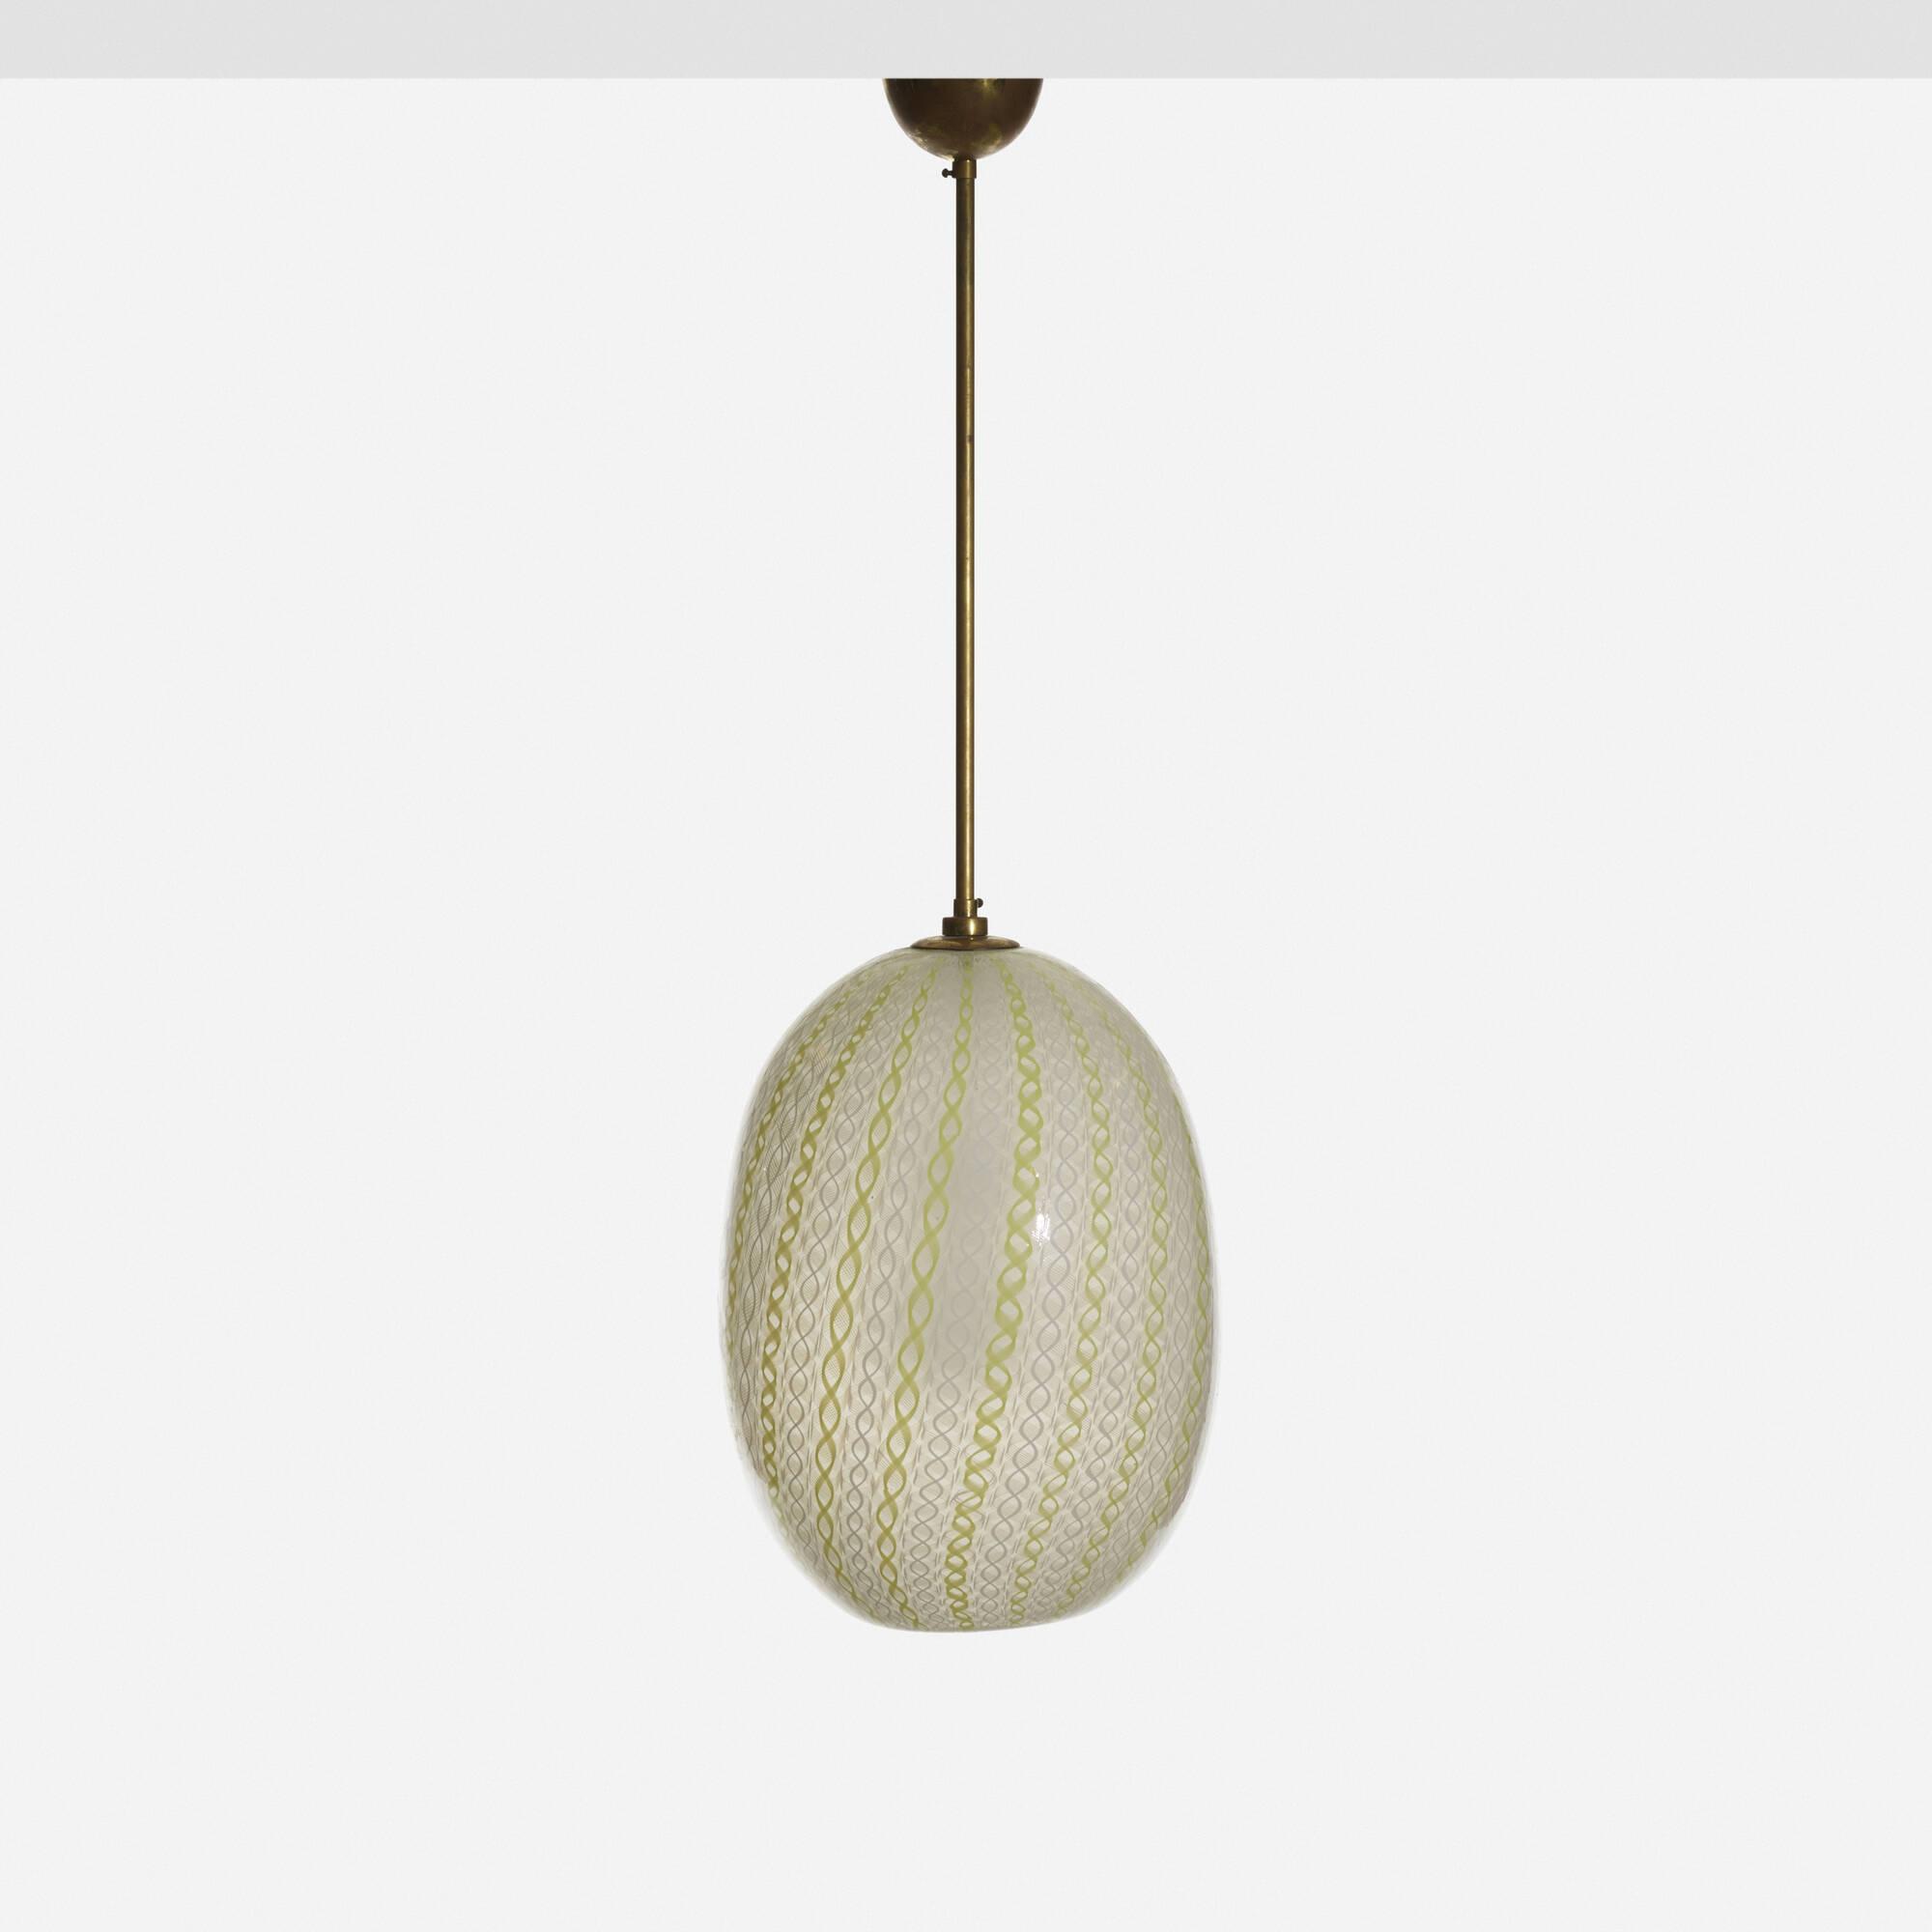 413: Venini / pendant lamp (1 of 1)